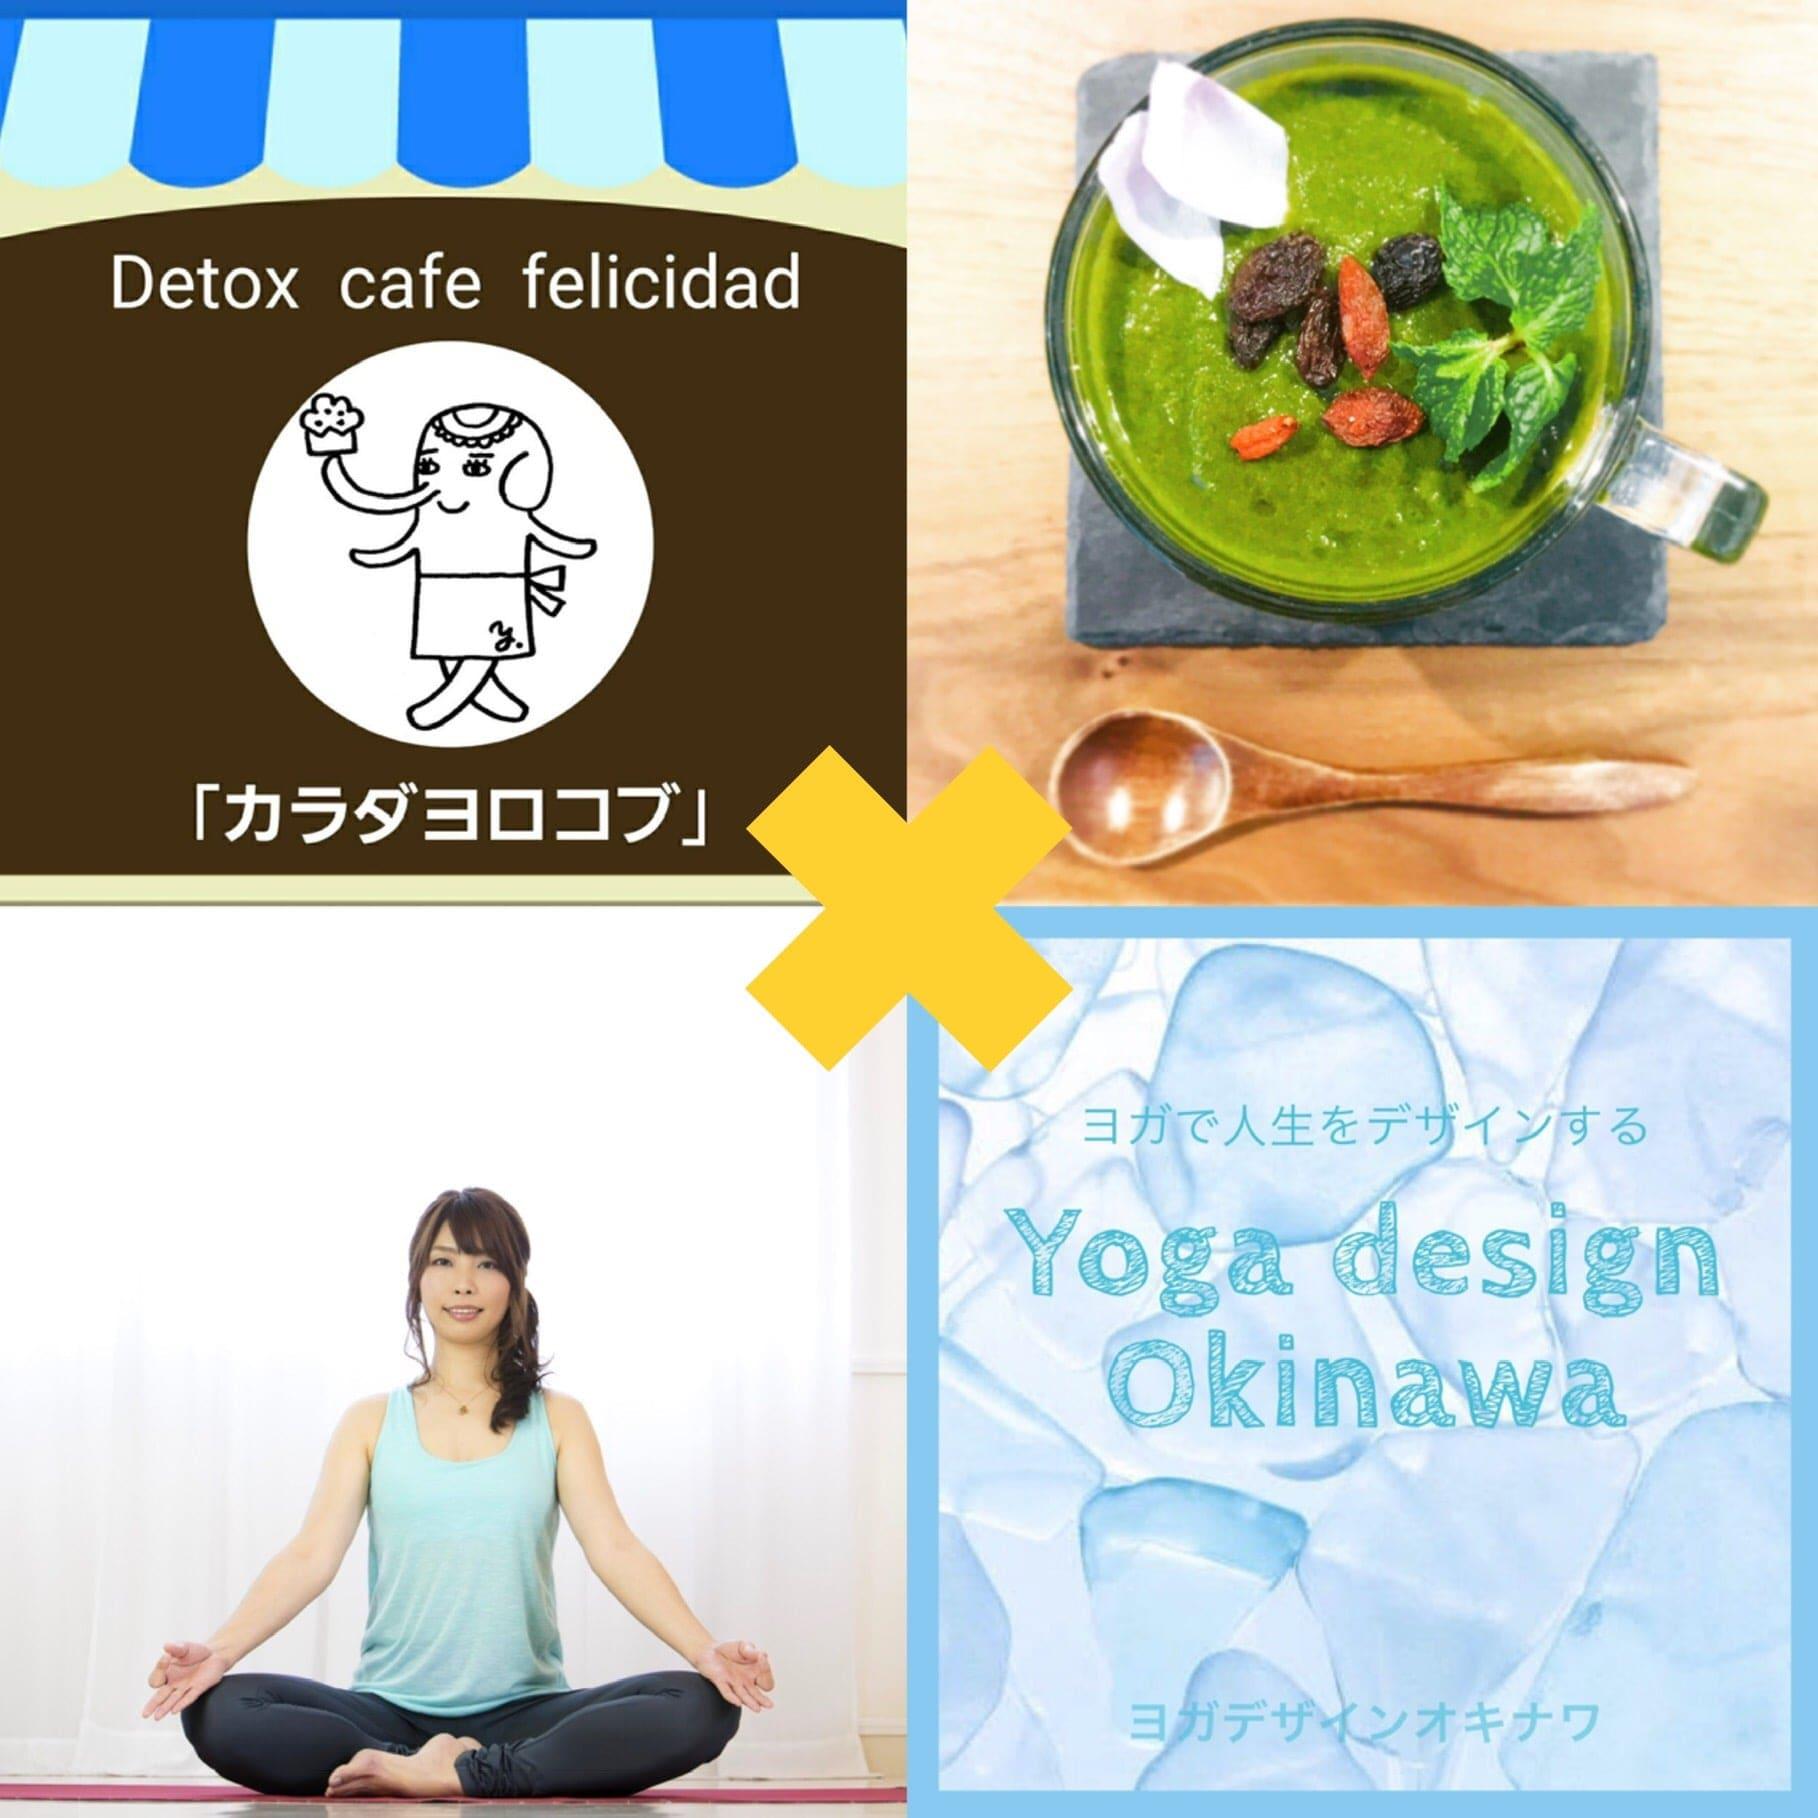 沖縄ベジカフェ|Detox cafe felicidad×ヨガデザインオキナワ|Yoga design Okinawa2月9日(土)9時〜開催・朝ヨガとスムージーのコラボ企画のイメージその1